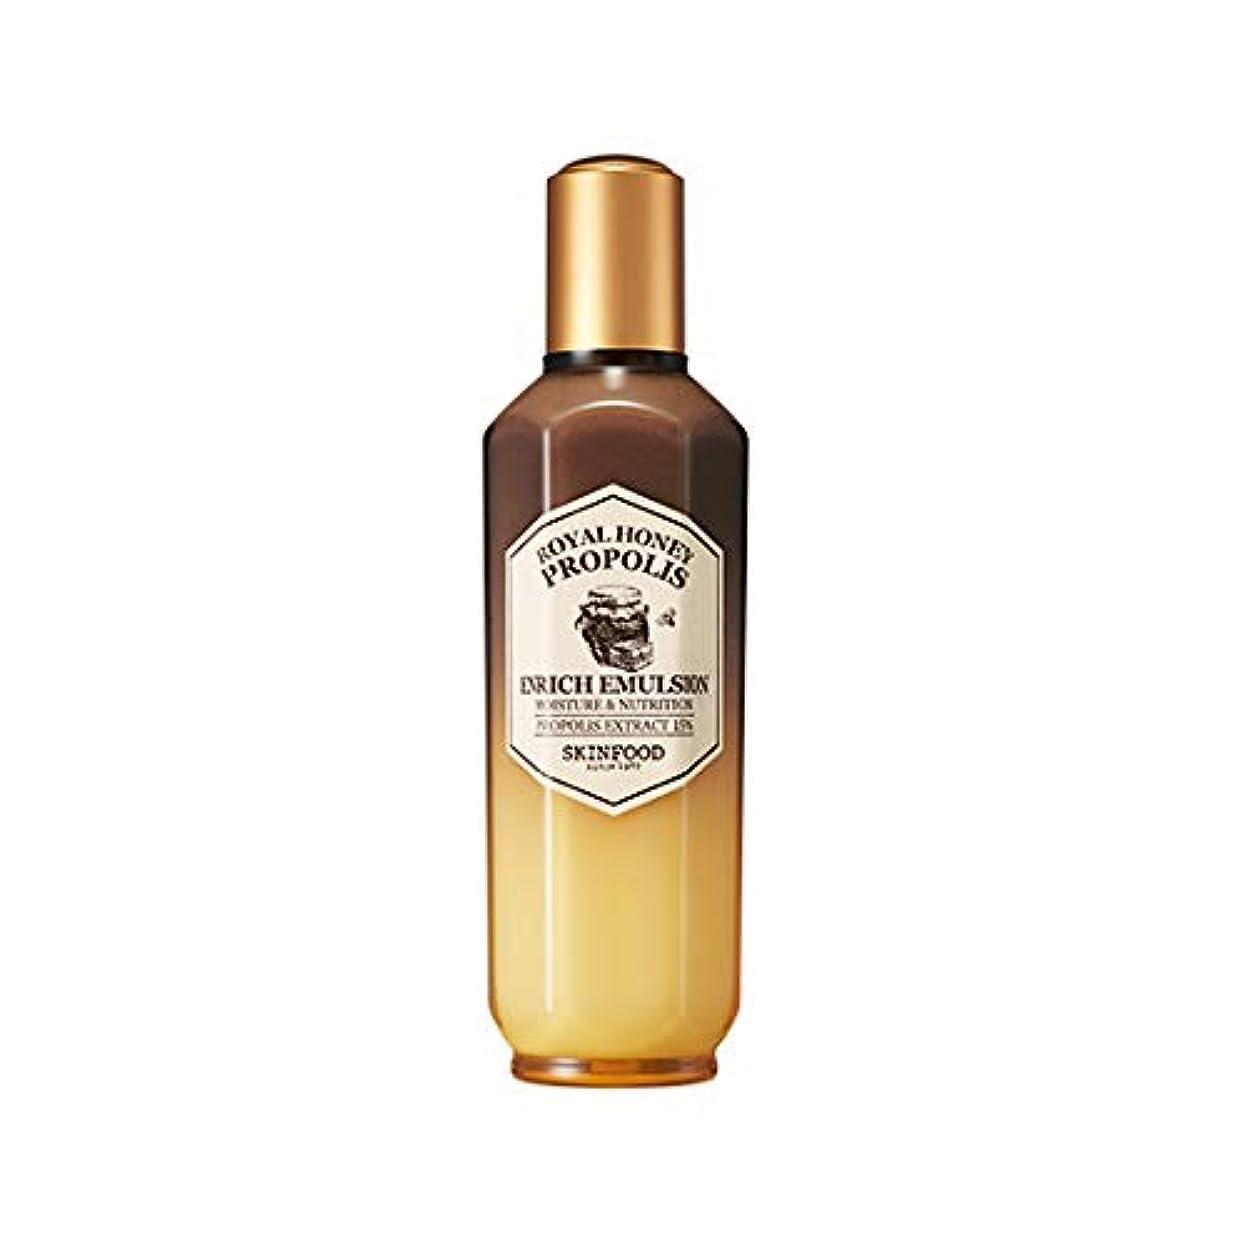 マングル村抽象化Skinfood ロイヤルハニープロポリスエンリッチエマルジョン/Royal Honey Propolis Enrich Emulsion 160ml [並行輸入品]